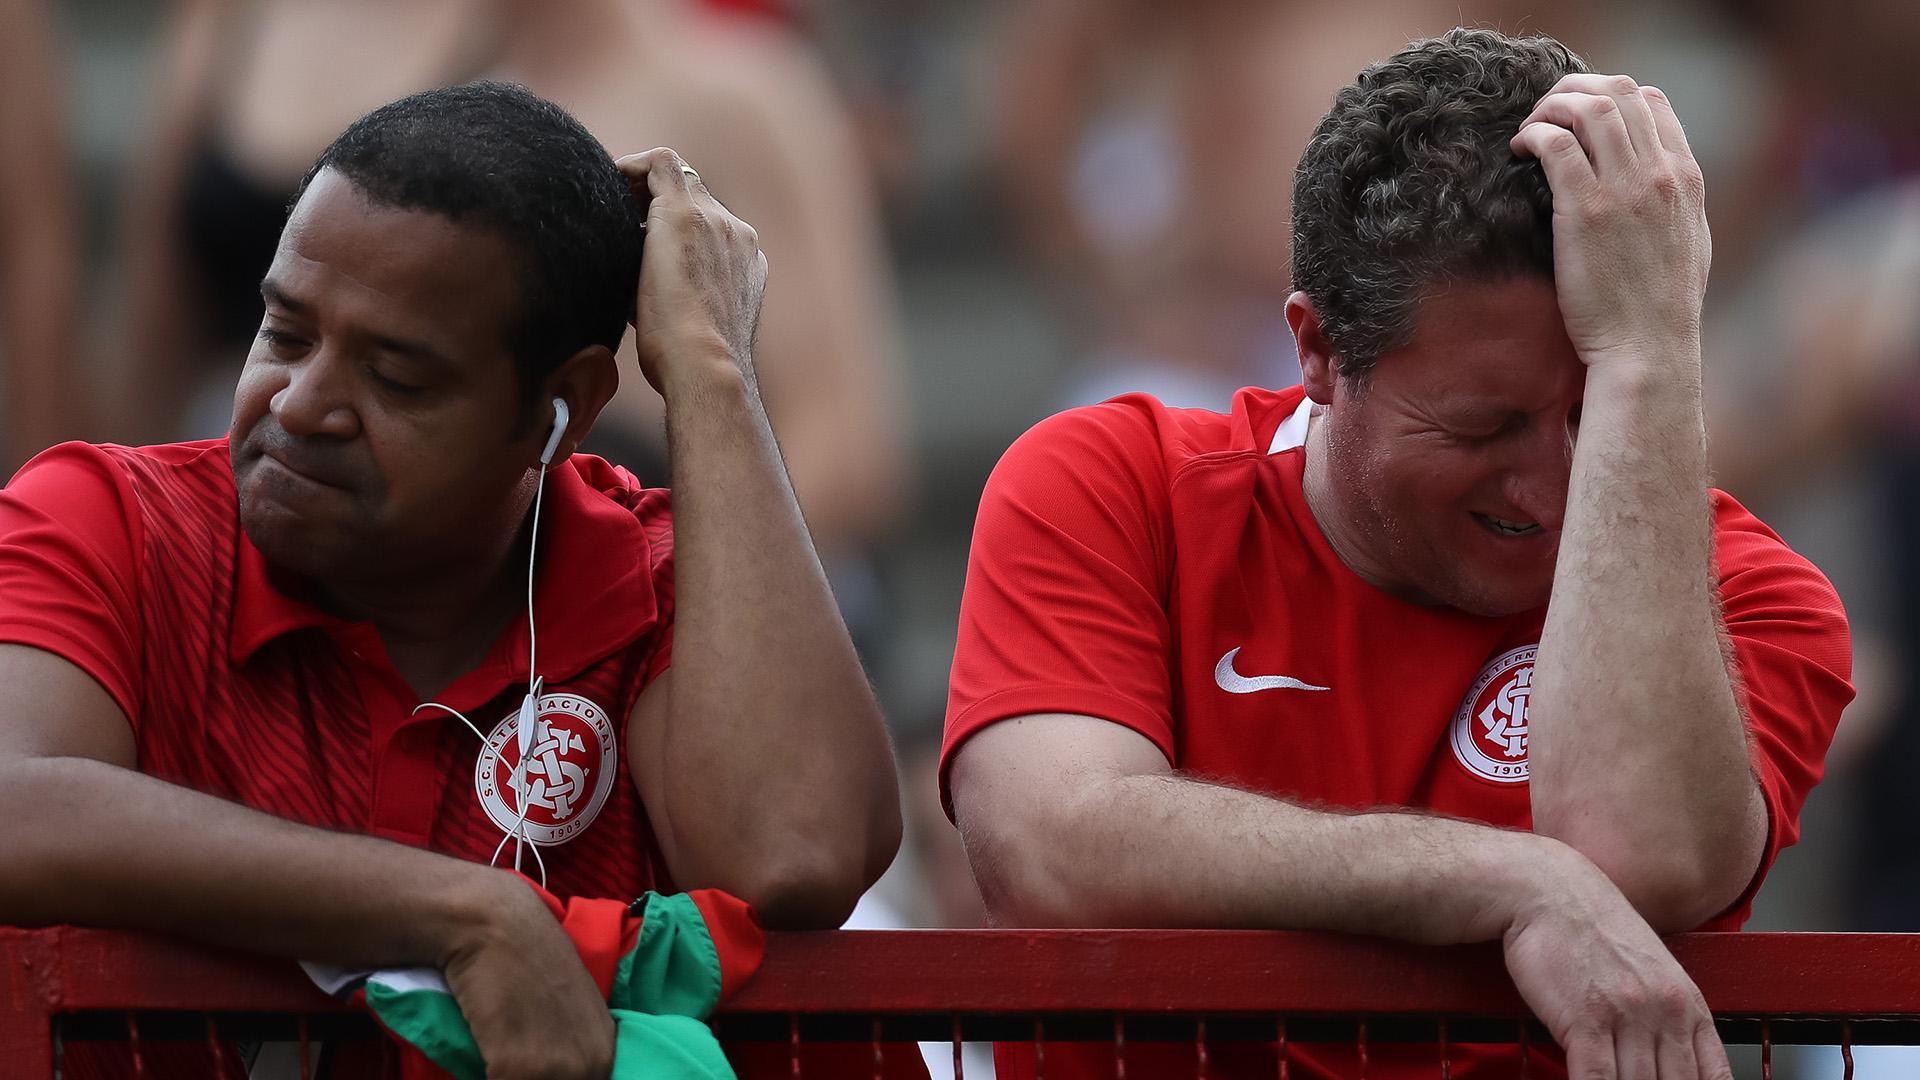 Torcida Internacional Fluminense Brasileirão 11122016